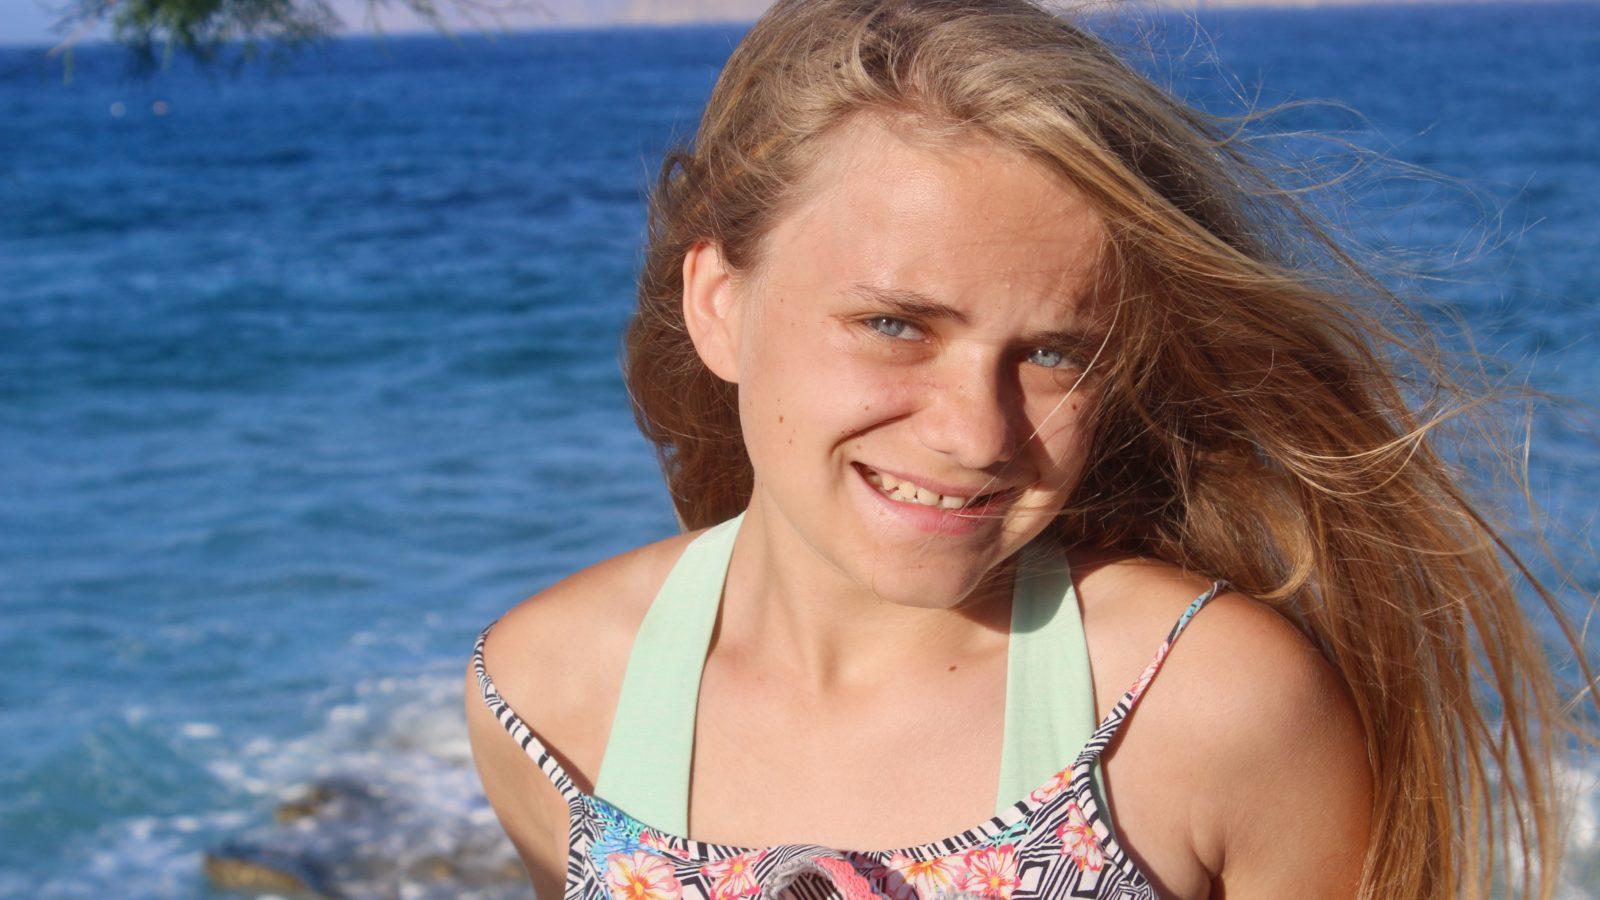 Alyssa in crete